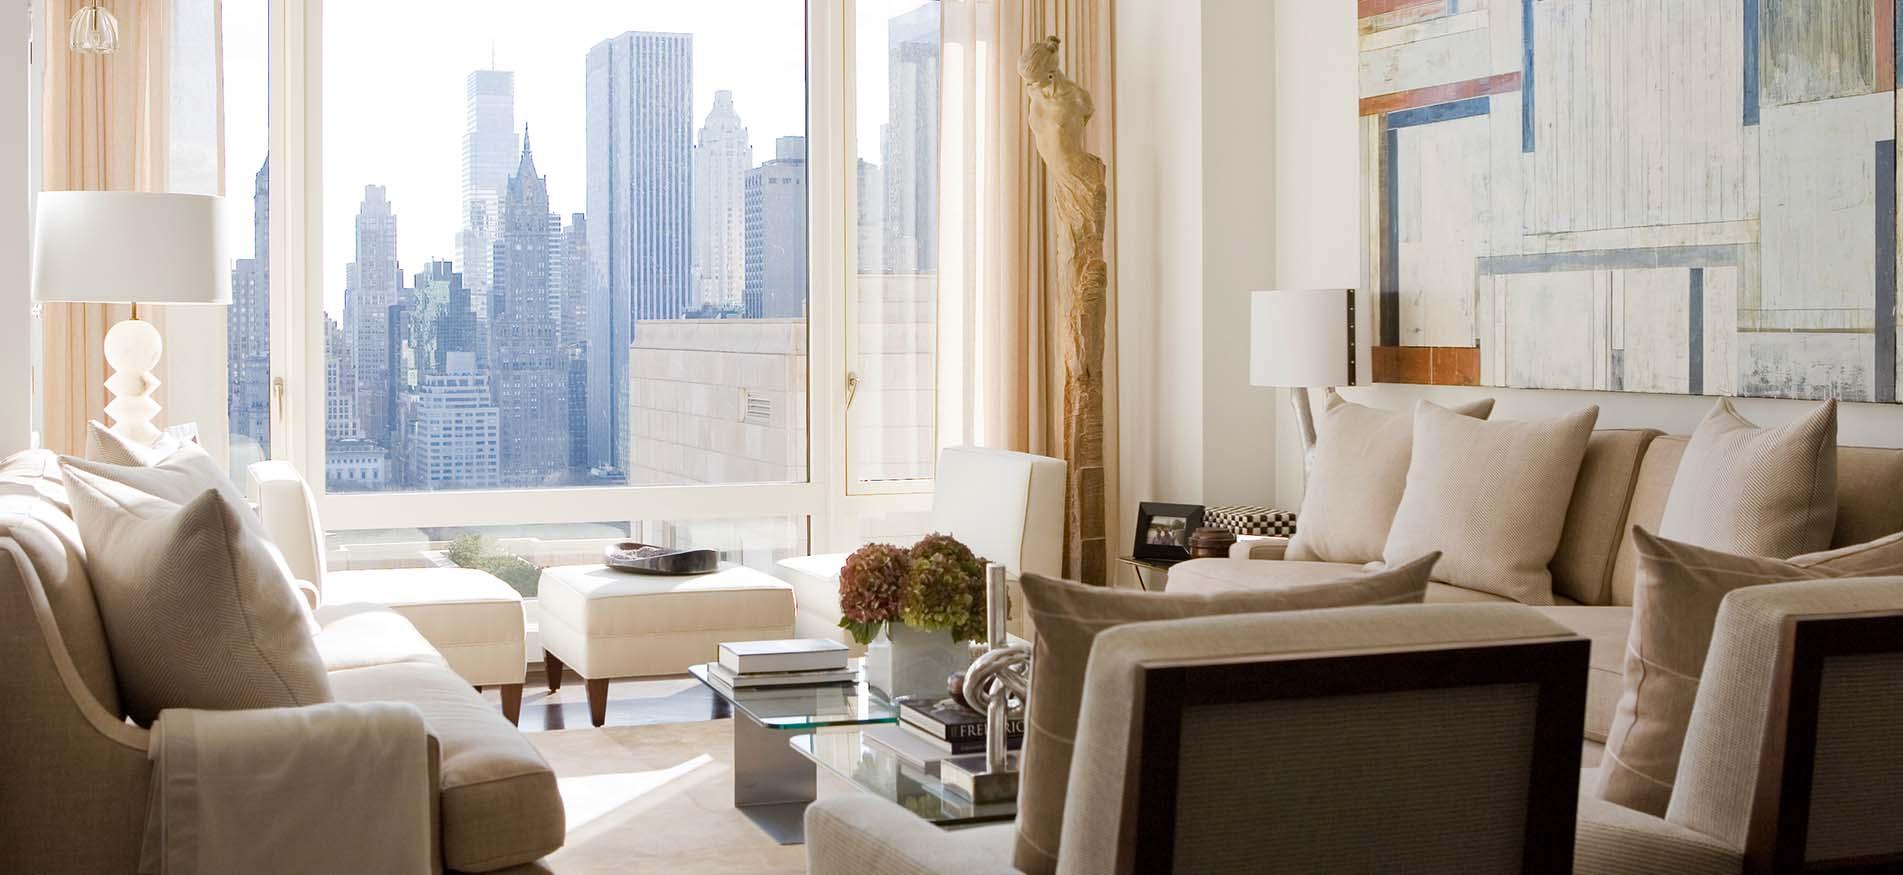 Designer Profile: Foley & Cox – Sotheby's Home Blog